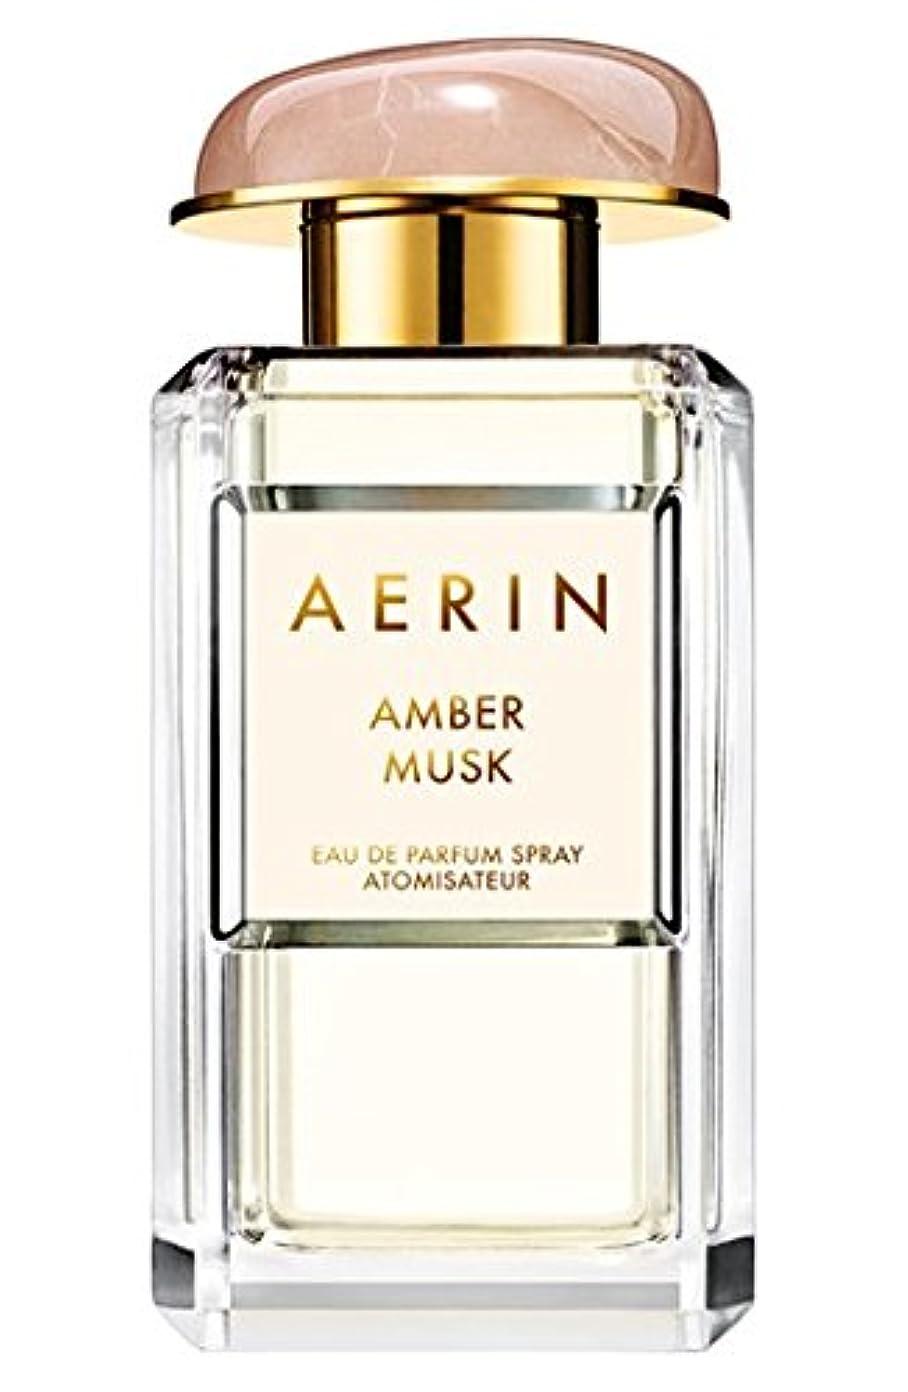 召集する祖父母を訪問宣教師AERIN 'Amber Musk' (アエリン アンバームスク) 1.7 oz (50ml) EDP Spray by Estee Lauder for Women